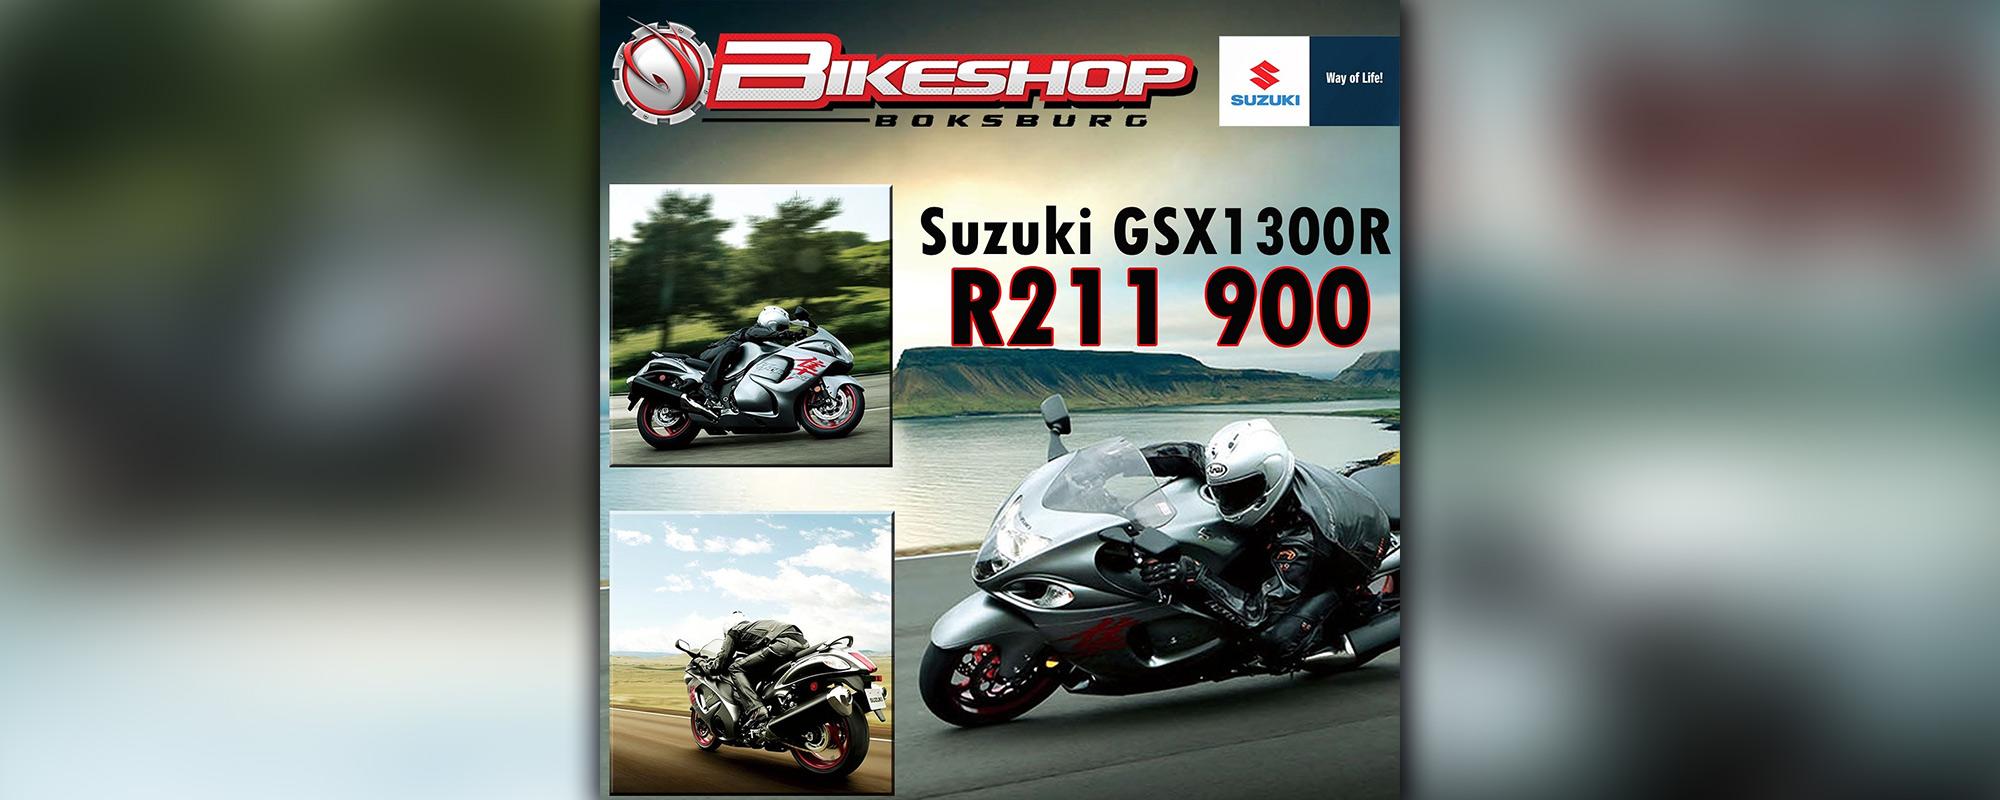 suzuki-gsx1300r